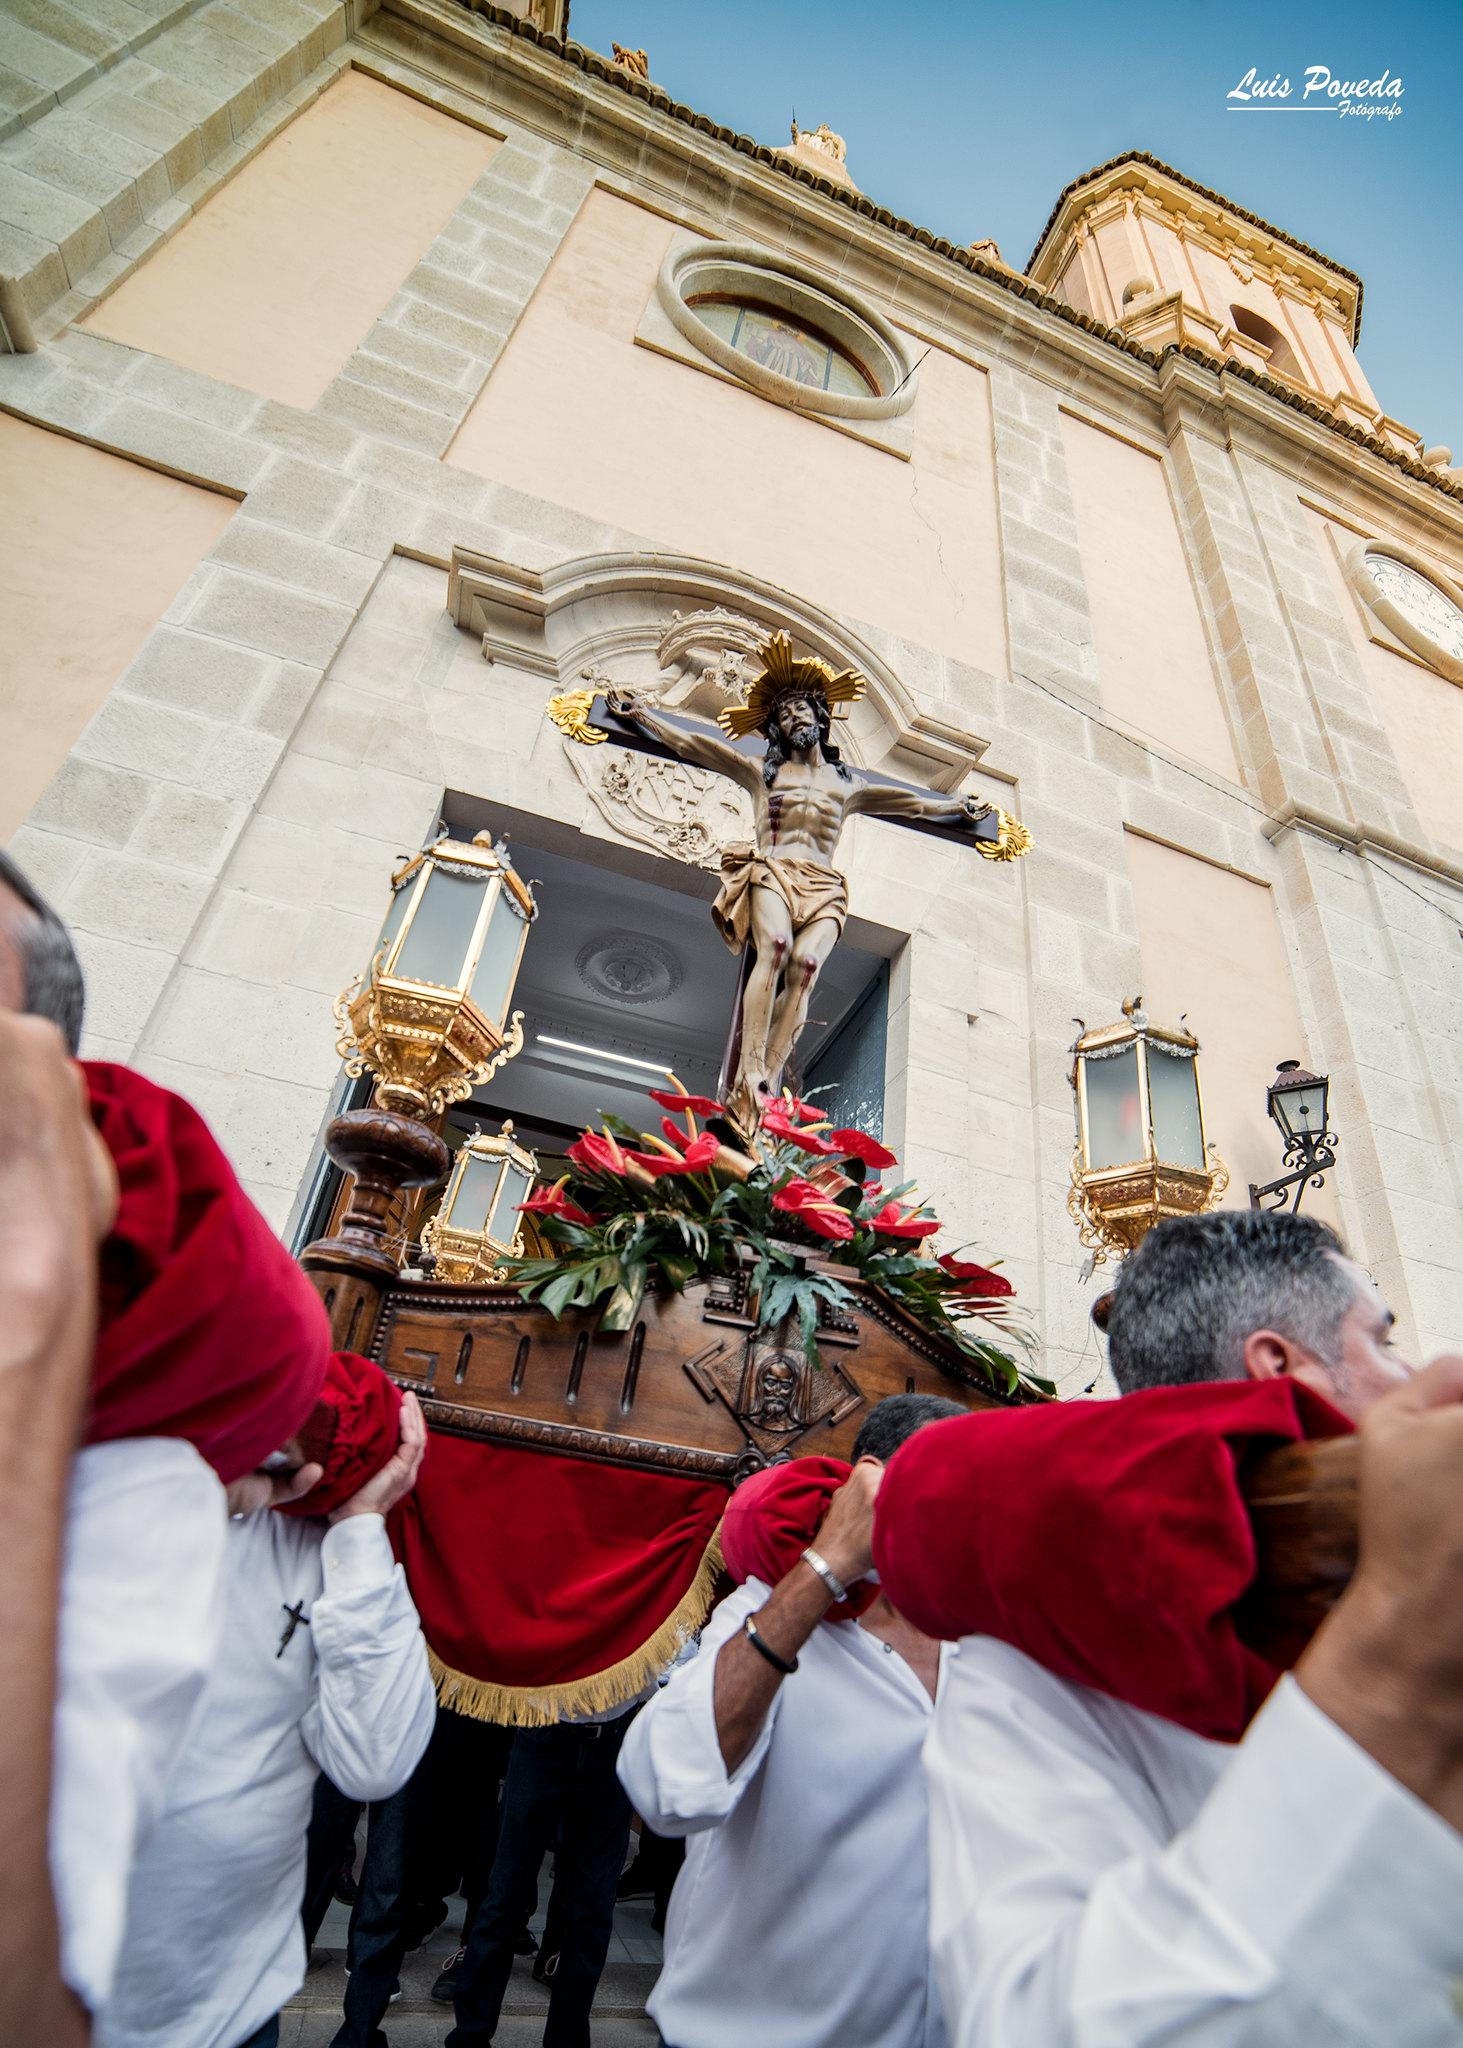 (2018-07-01) - Procesión de subida - Luis Poveda Galiano (10)